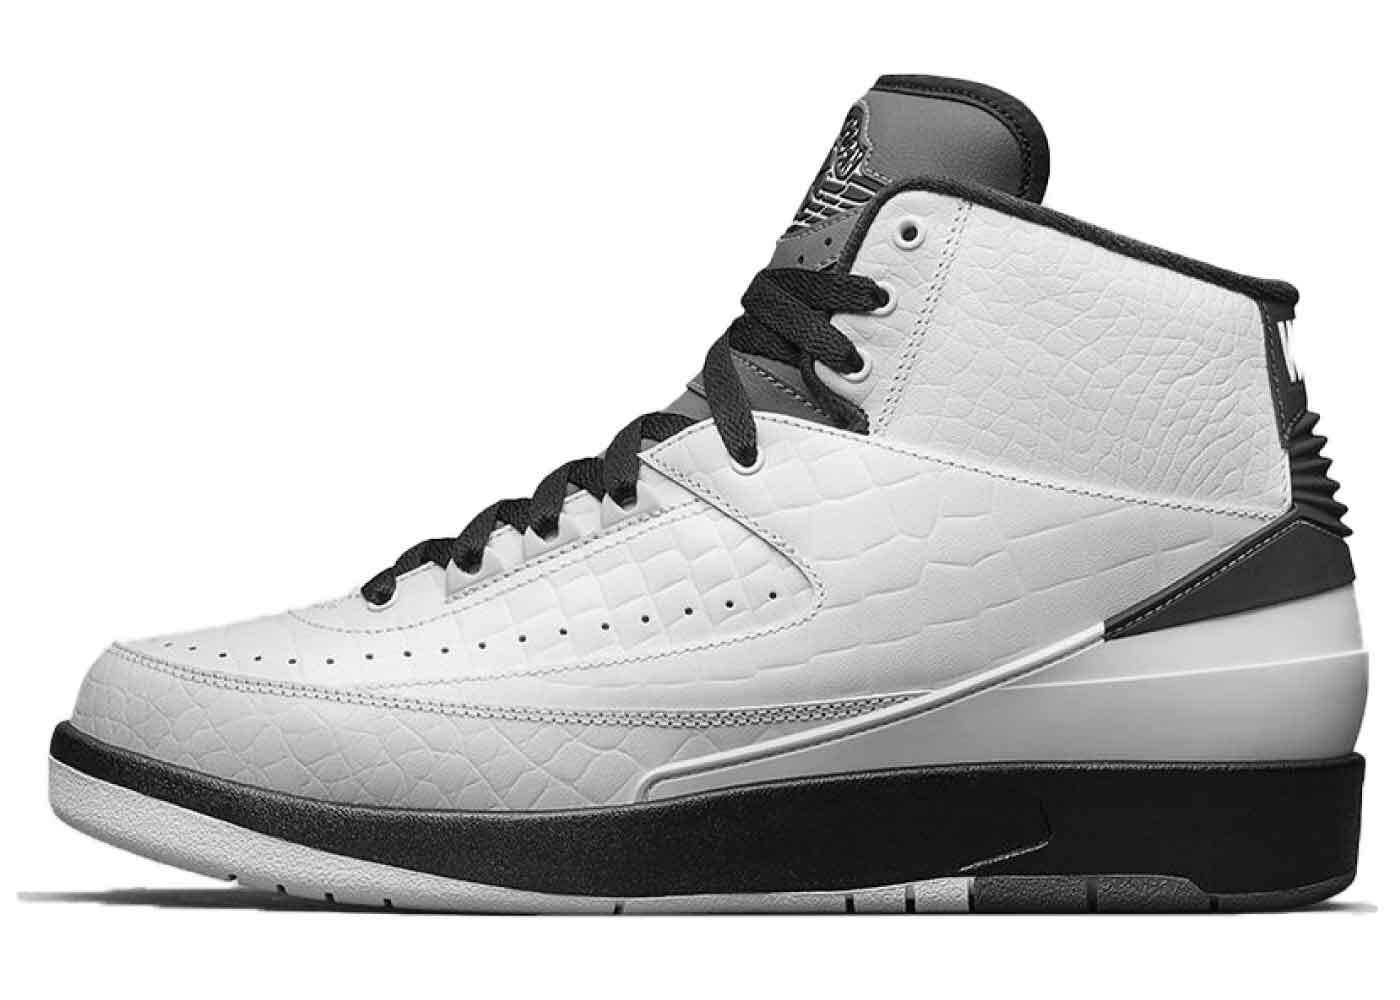 Nike Air Jordan 2 Retro Wing Itを安心売